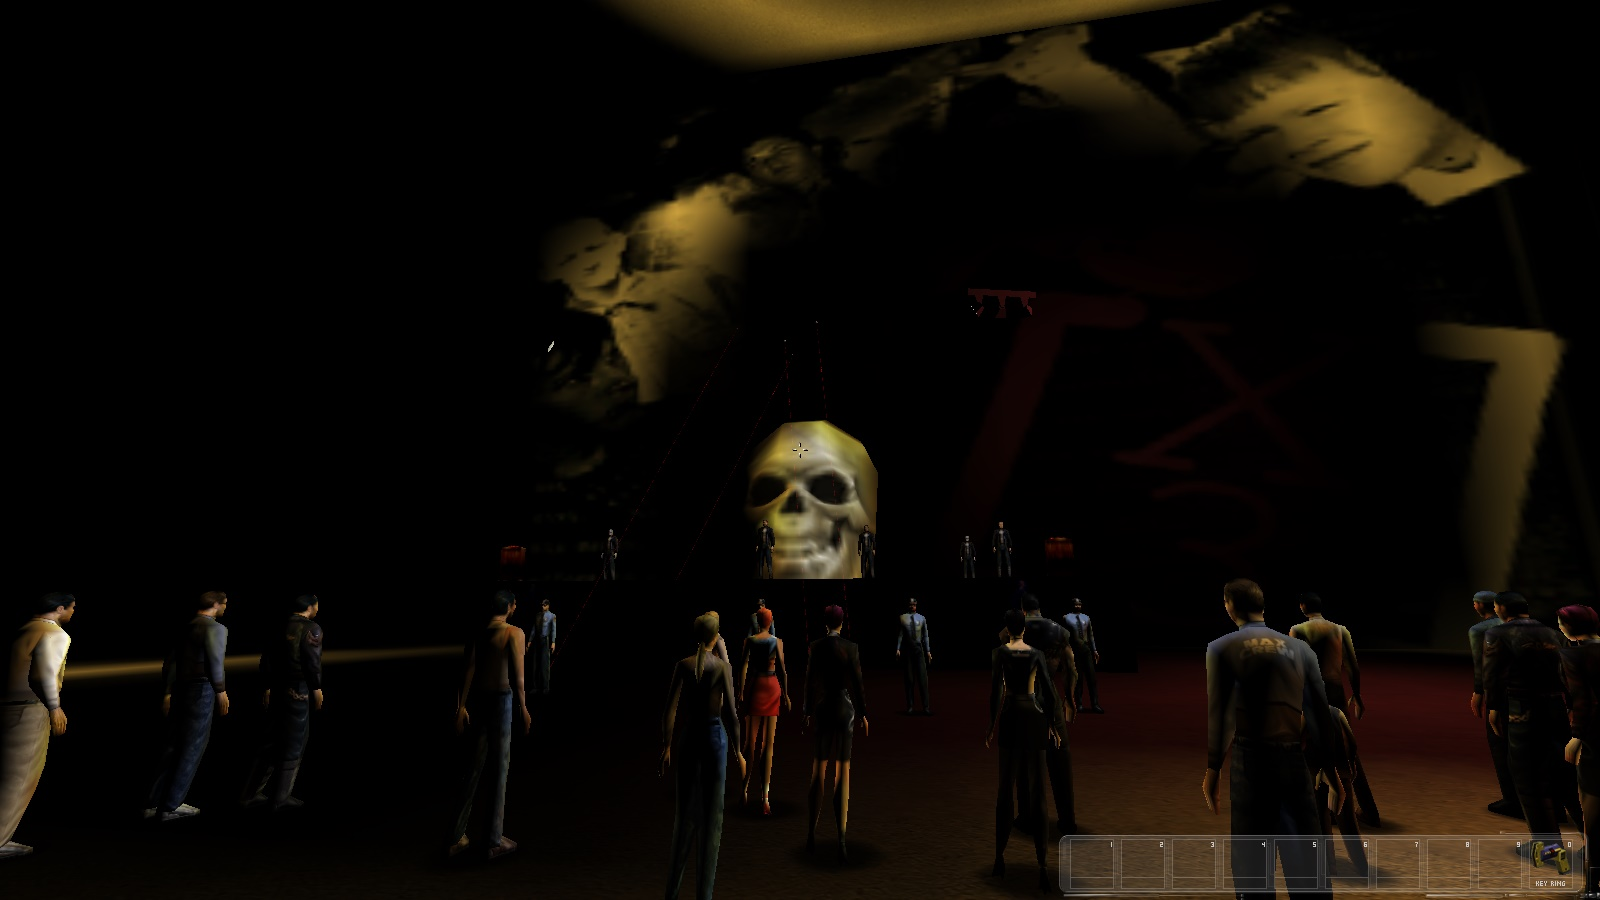 Deus Ex metal concert